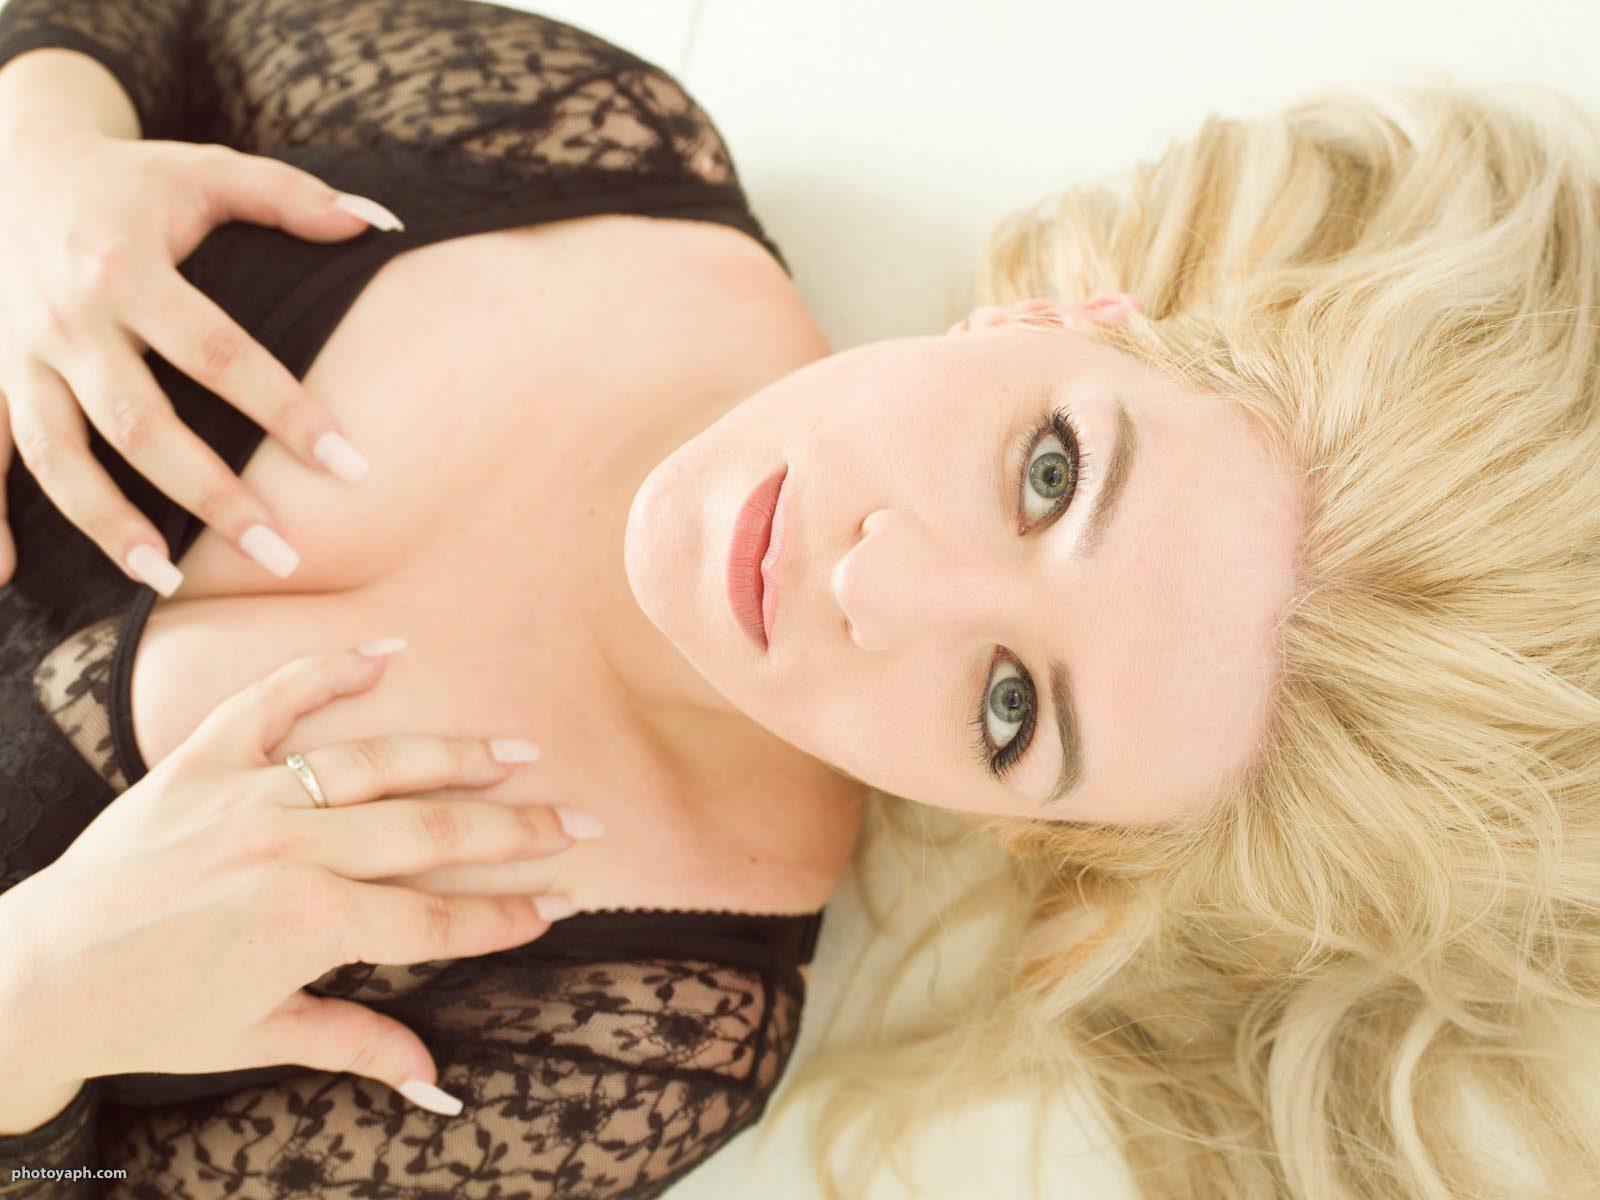 Beautyportrait, femme fatale, Fotostudio Yaph Yousef A. P. Hakimi Photography